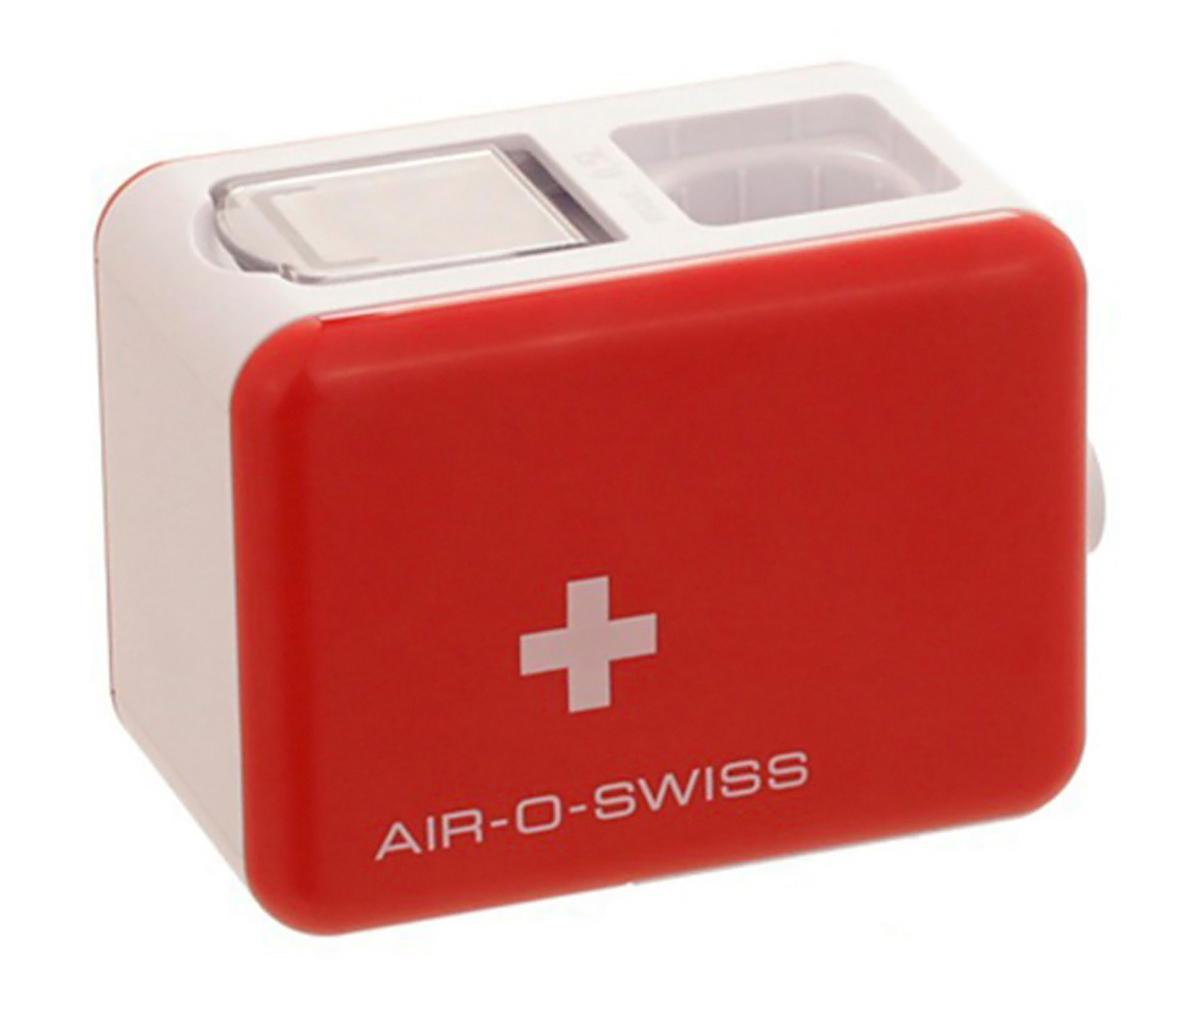 Boneco AOS U7146, Swiss Red Special boneco air o swiss u7146 black